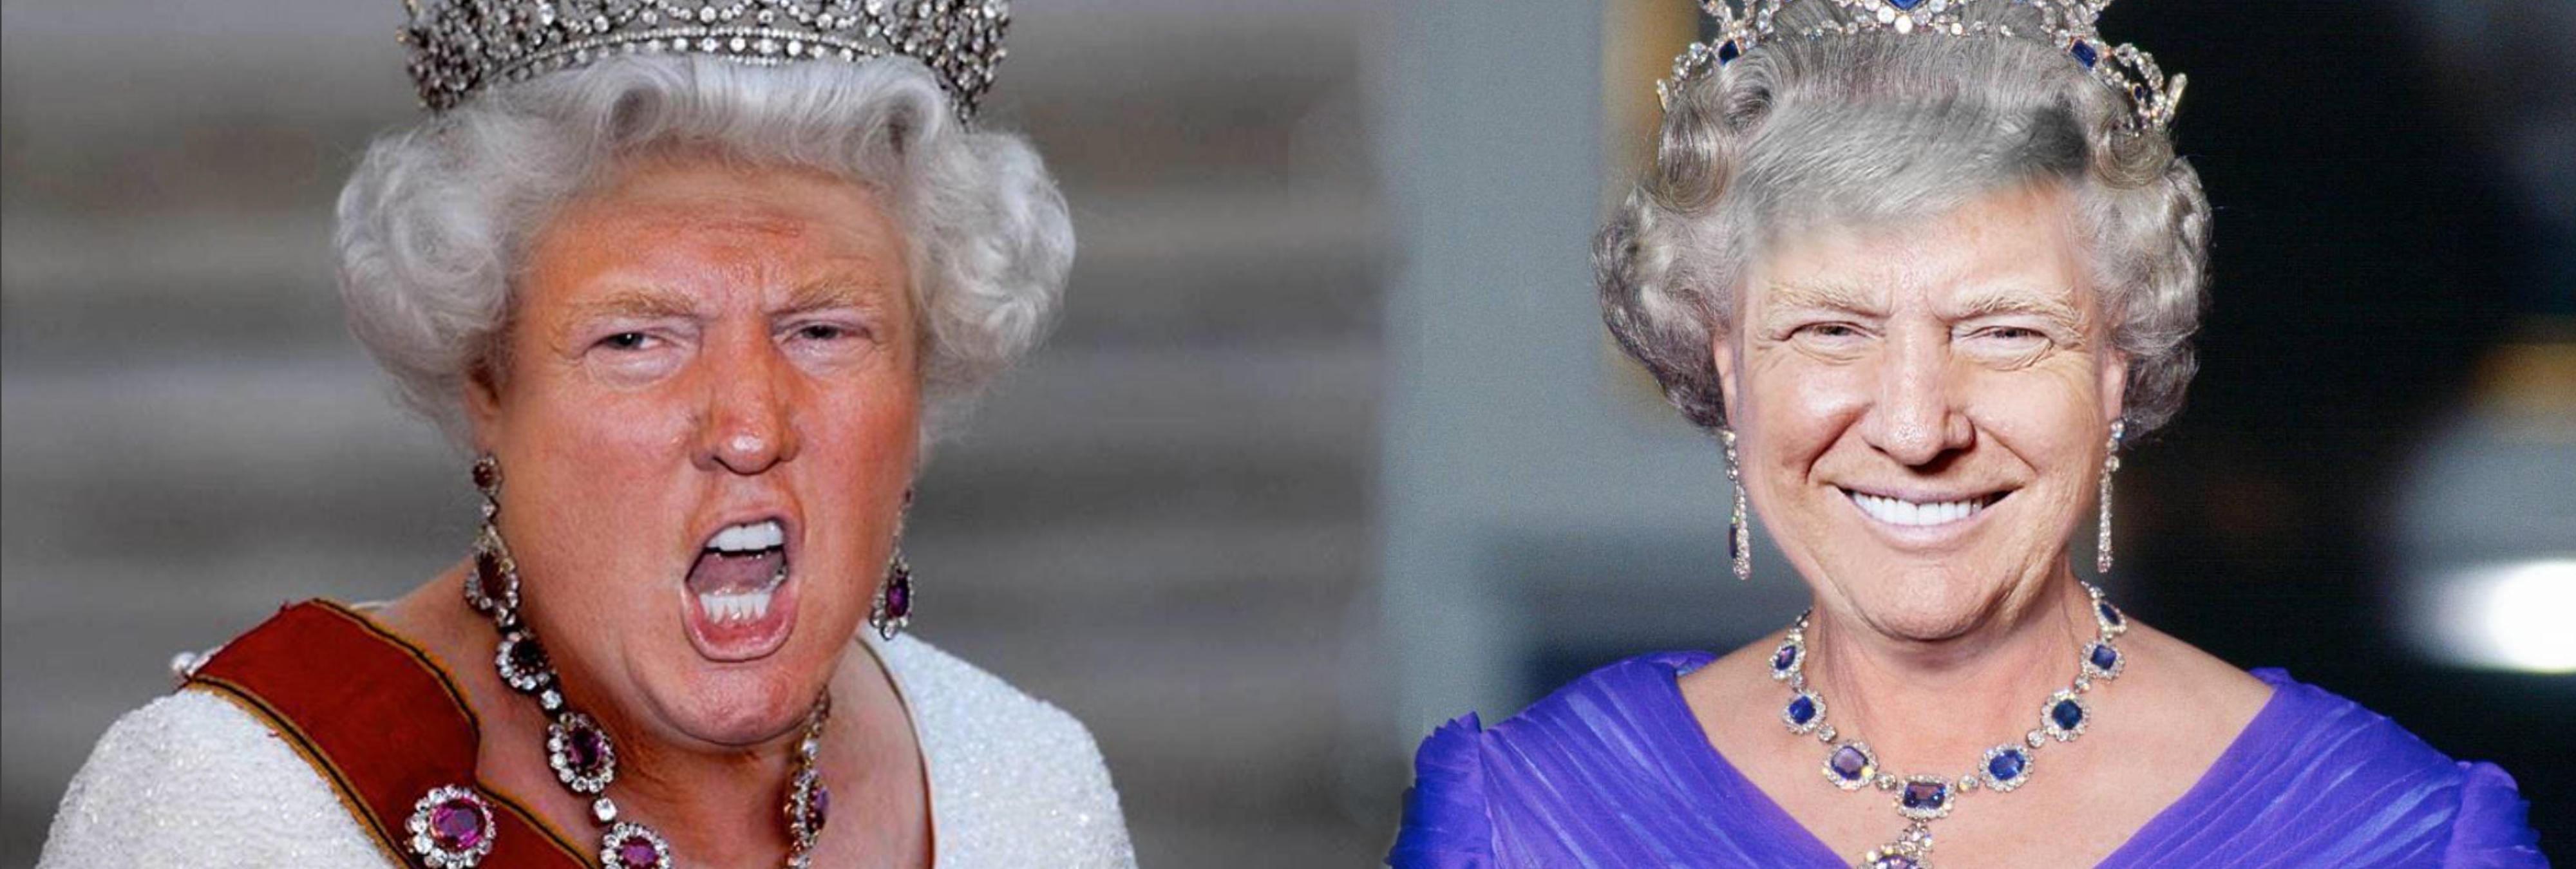 Hacen montajes con la cara de Trump en el cuerpo de la reina de Inglaterra y el resultado es mortal